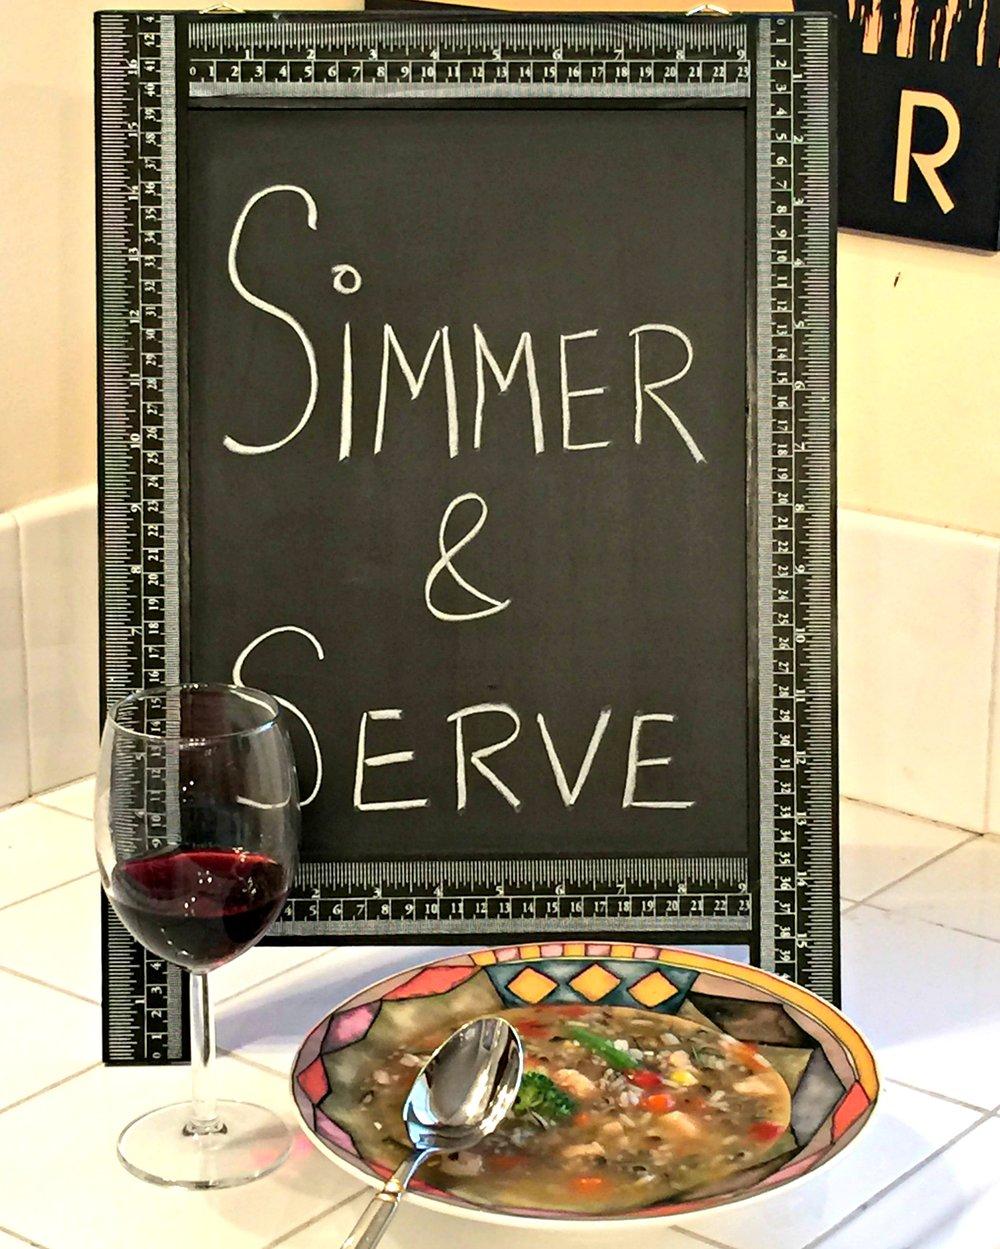 simmer-serve2.JPG